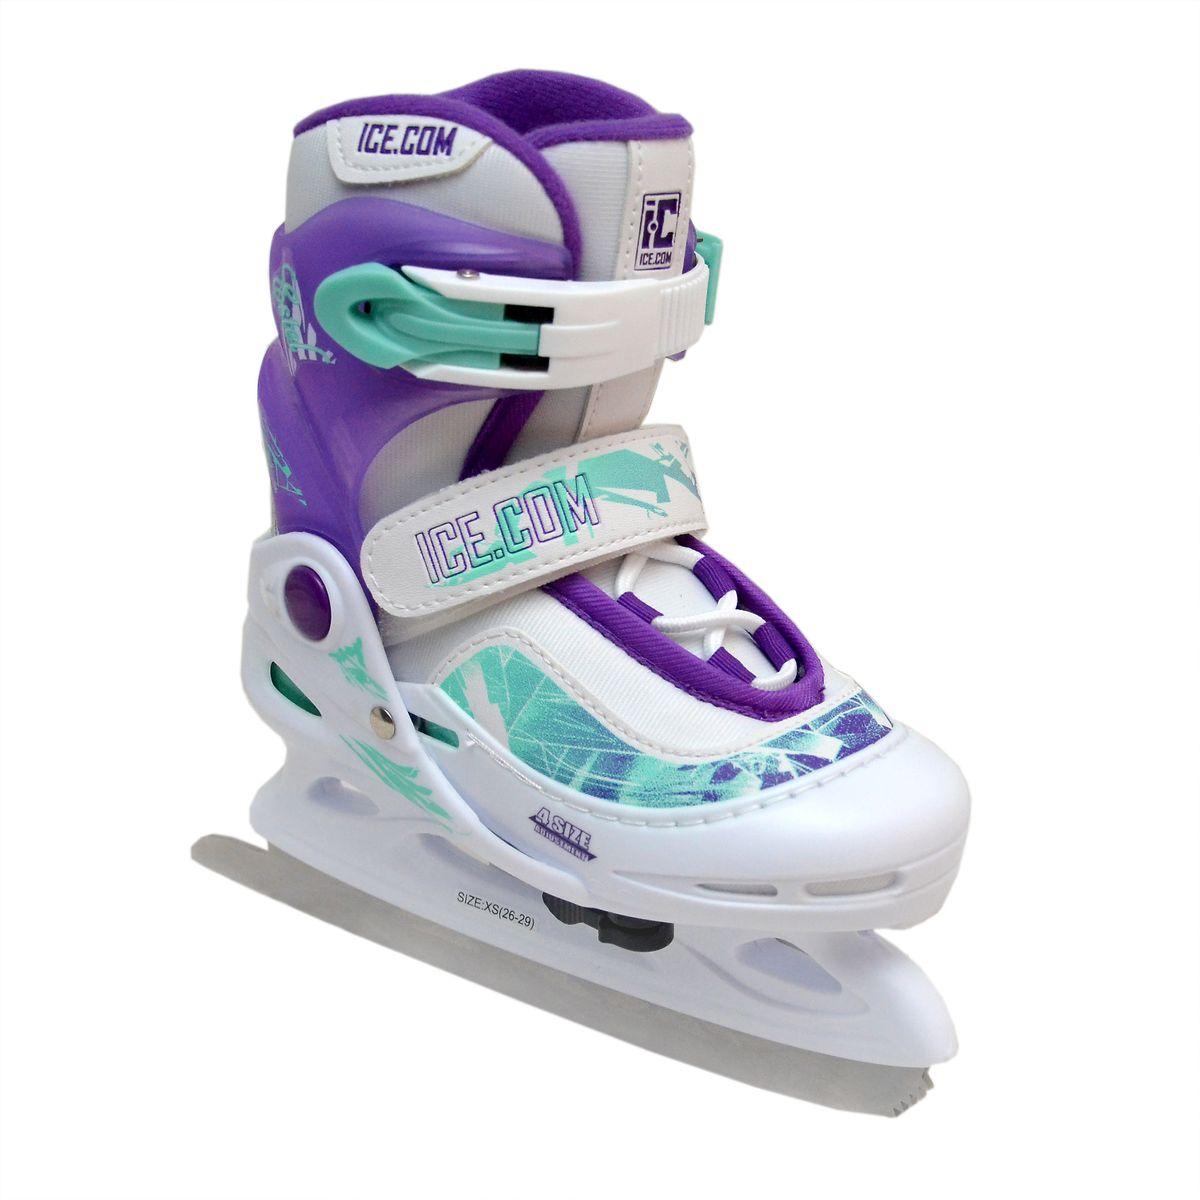 Коньки ледовые для девочки Ice. Com Estel, раздвижные, цвет: белый, фиолетовый, бирюзовый. Размер 30/33